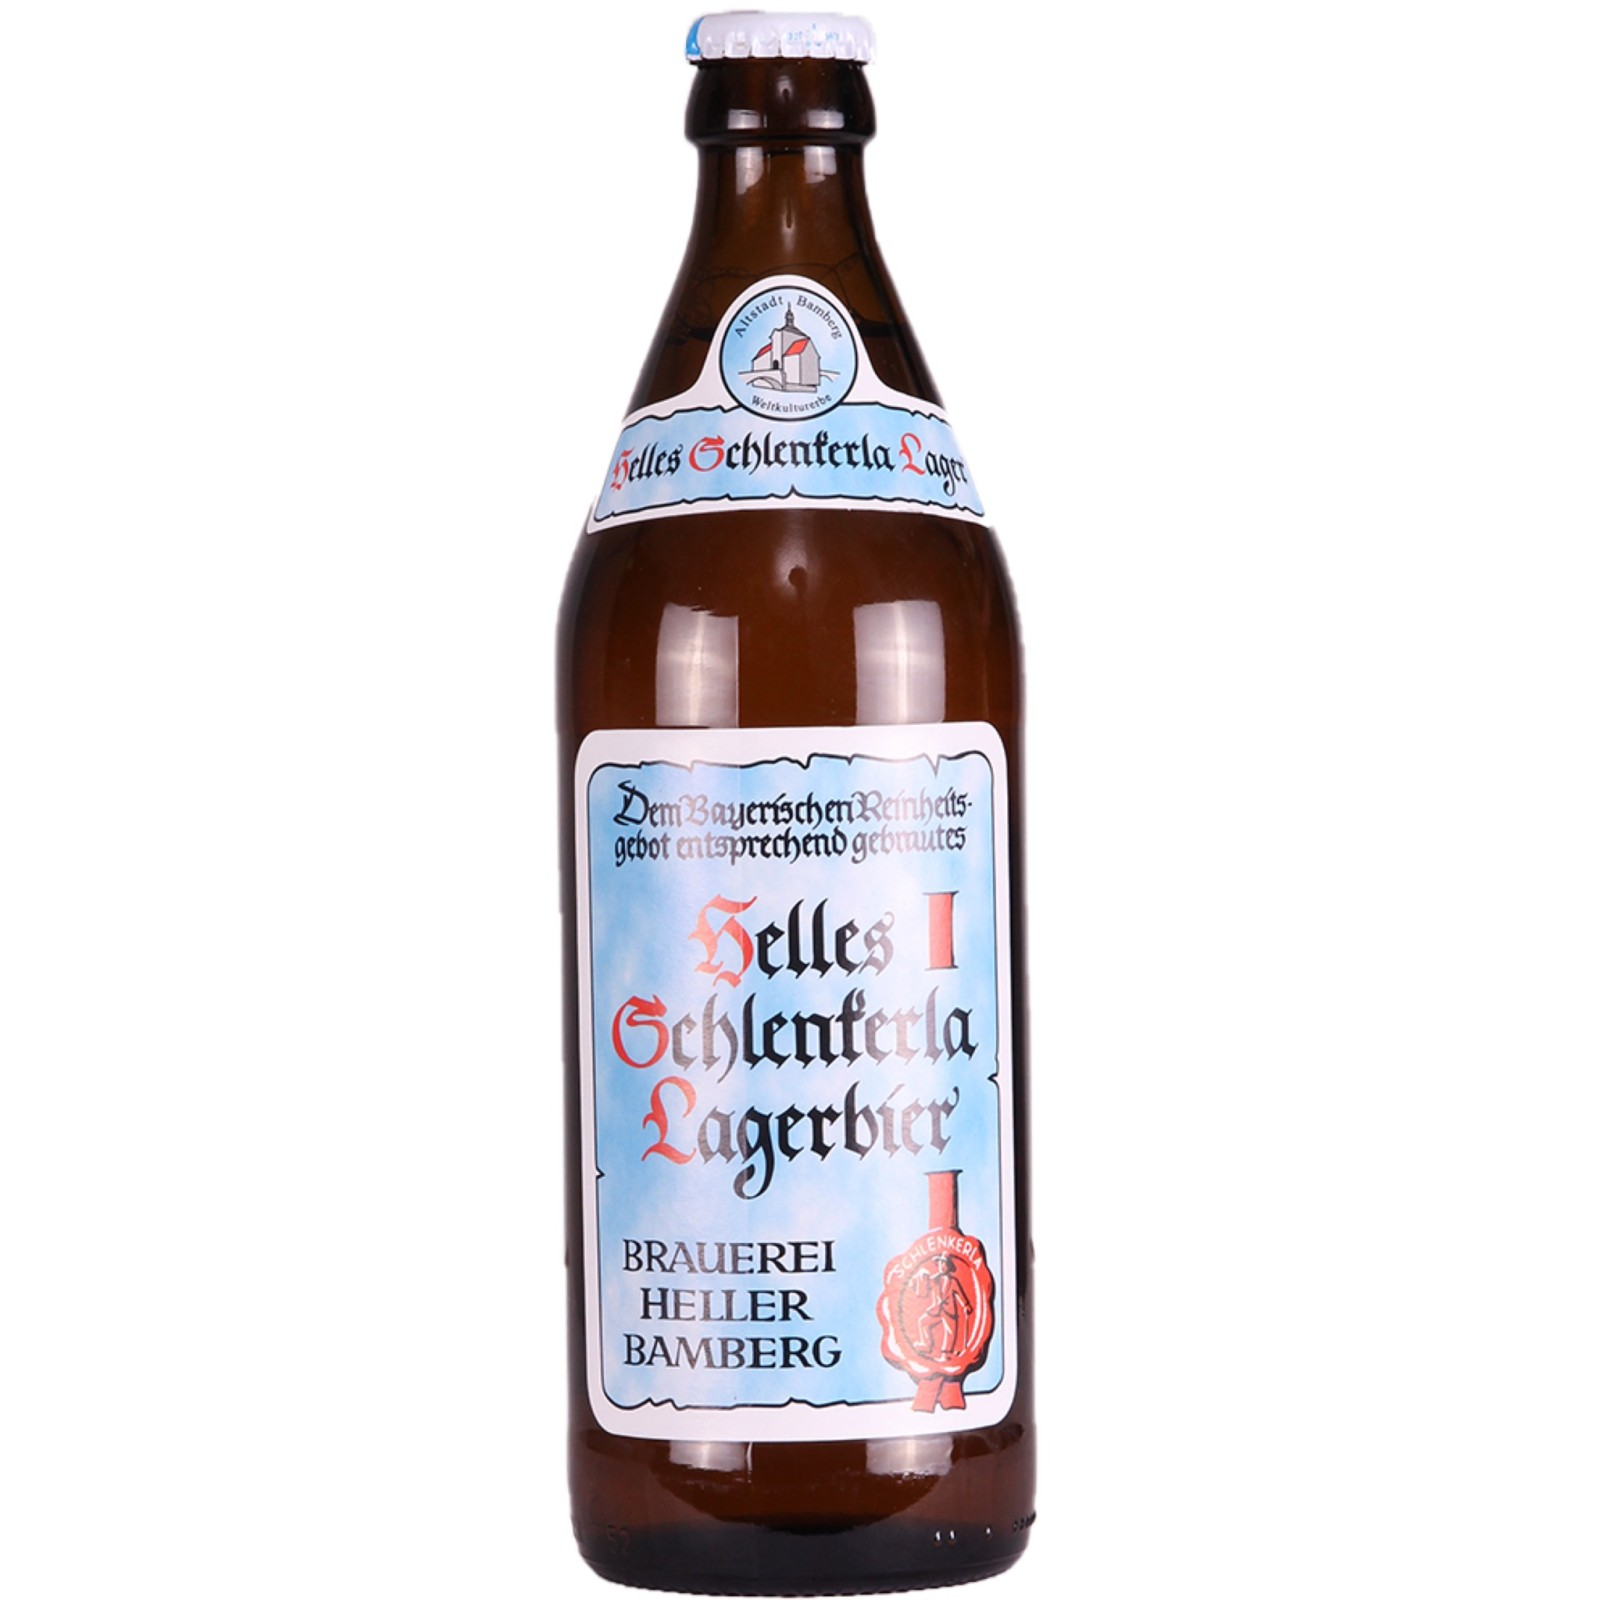 Helles Schlenkerla Lagerbier 4.3% 500ml Brauerei Heller Bamberg